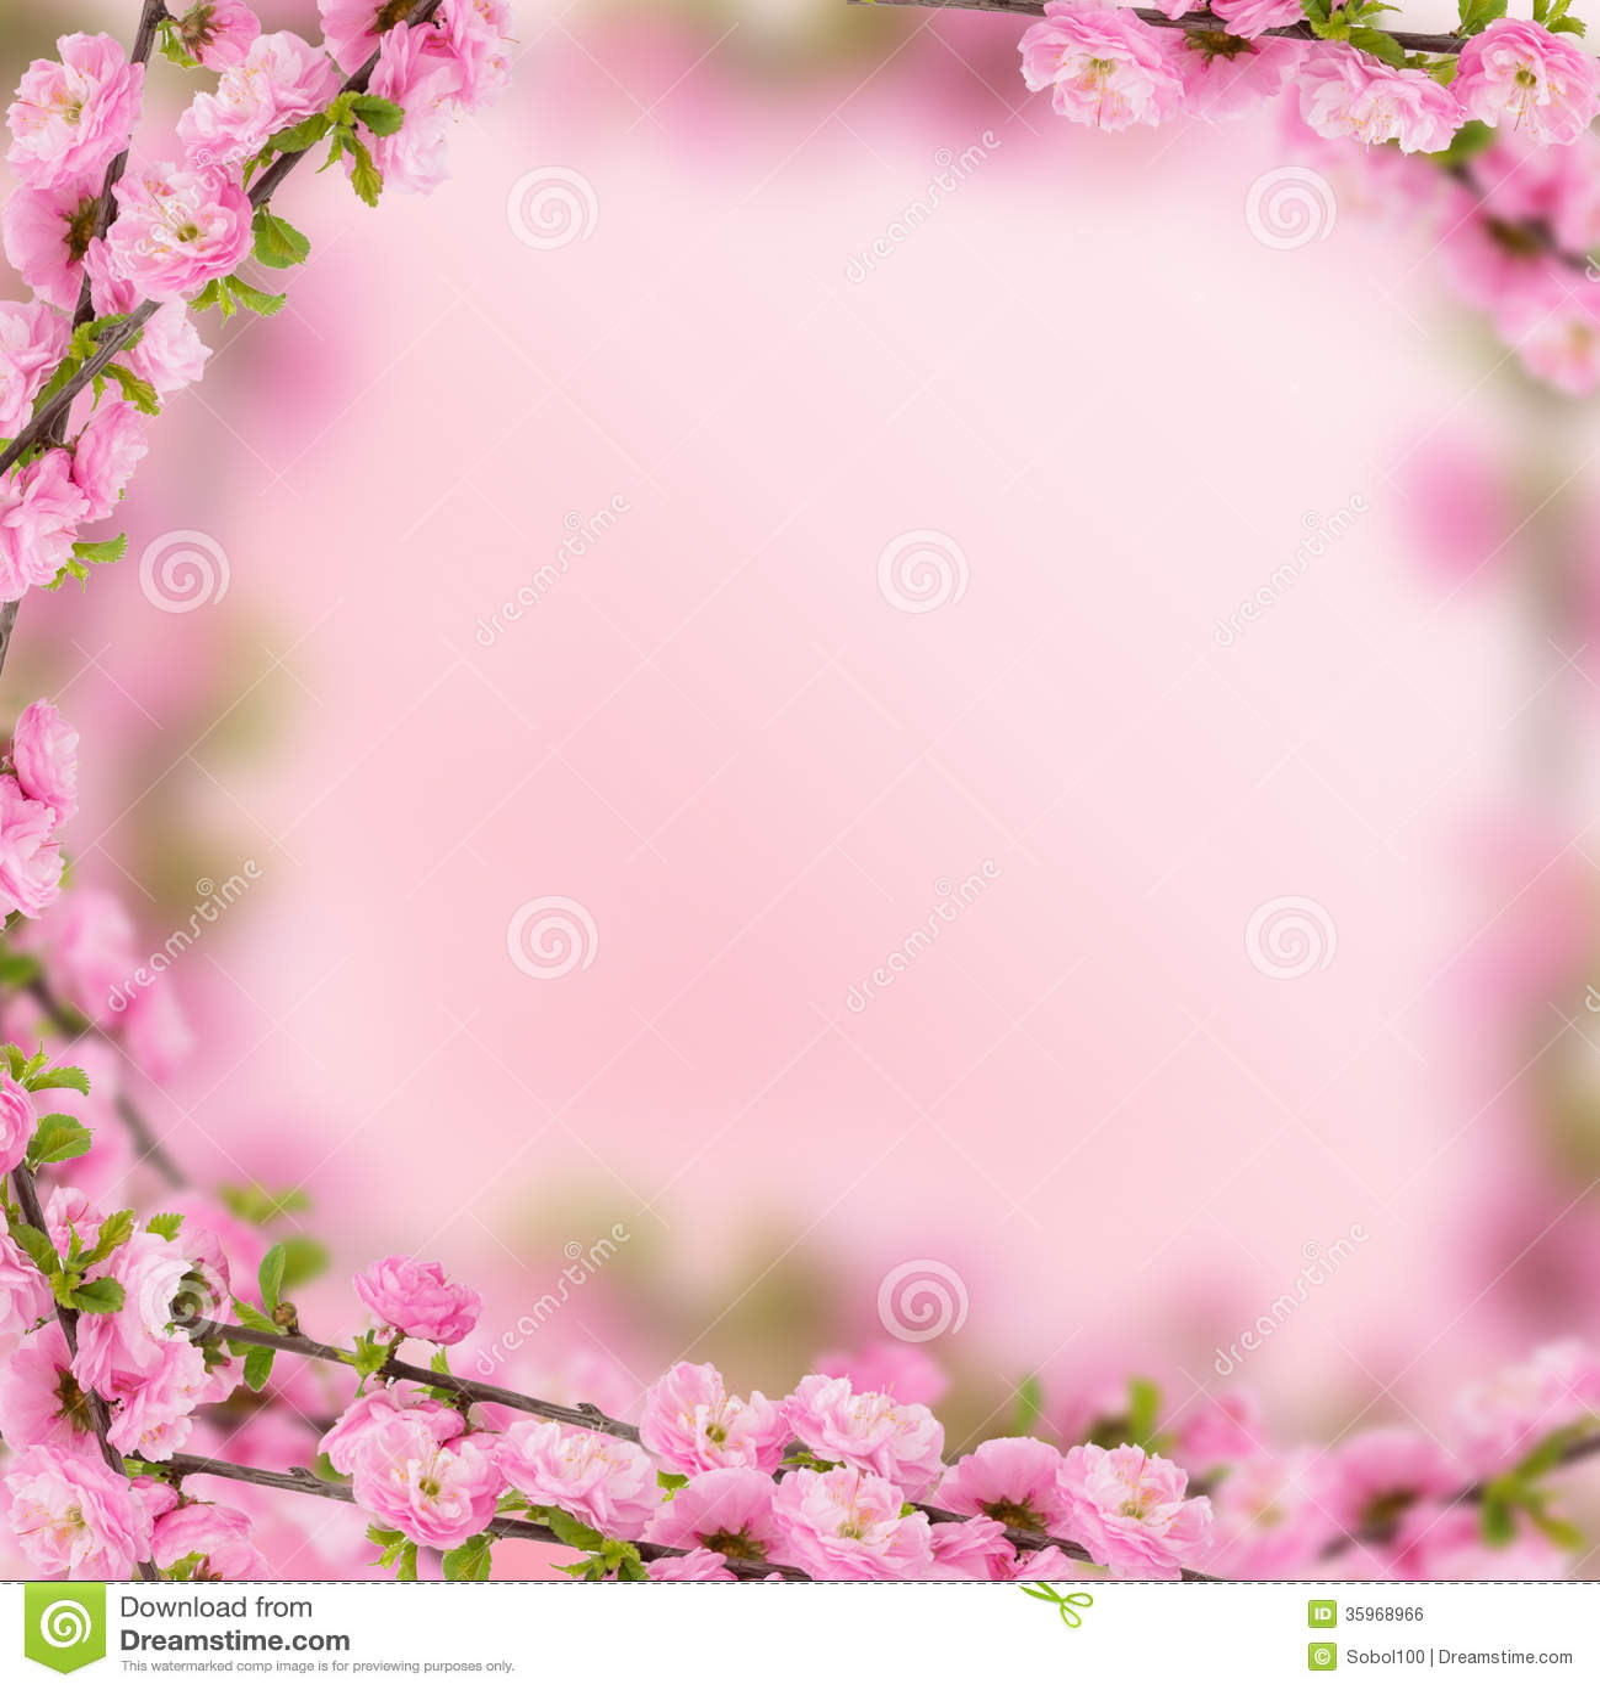 Flores frescas de la almendra en fondo rosado.